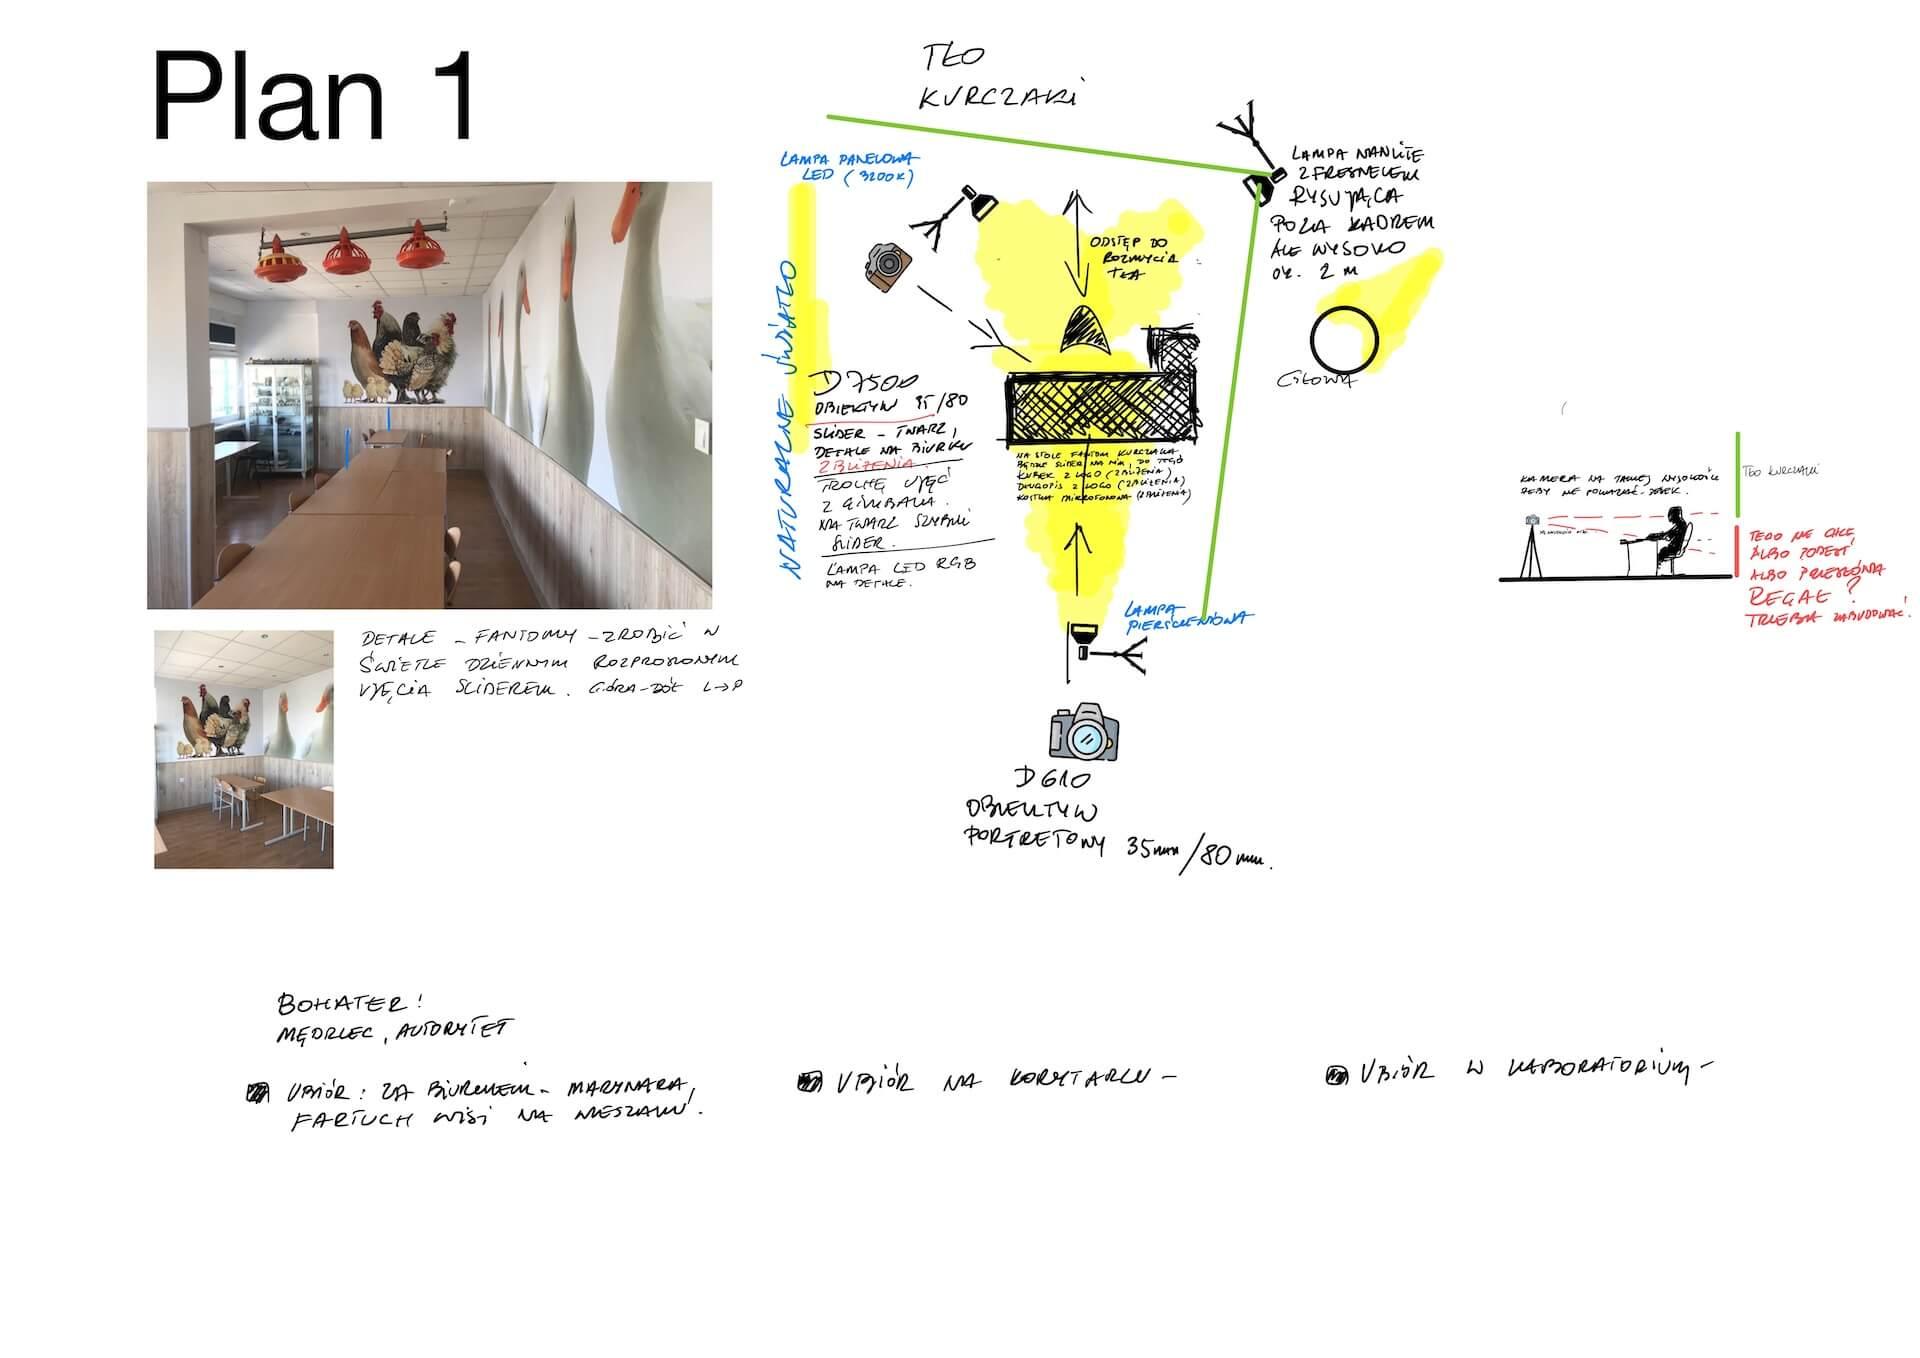 Plany Zdjęciowe UTP-1